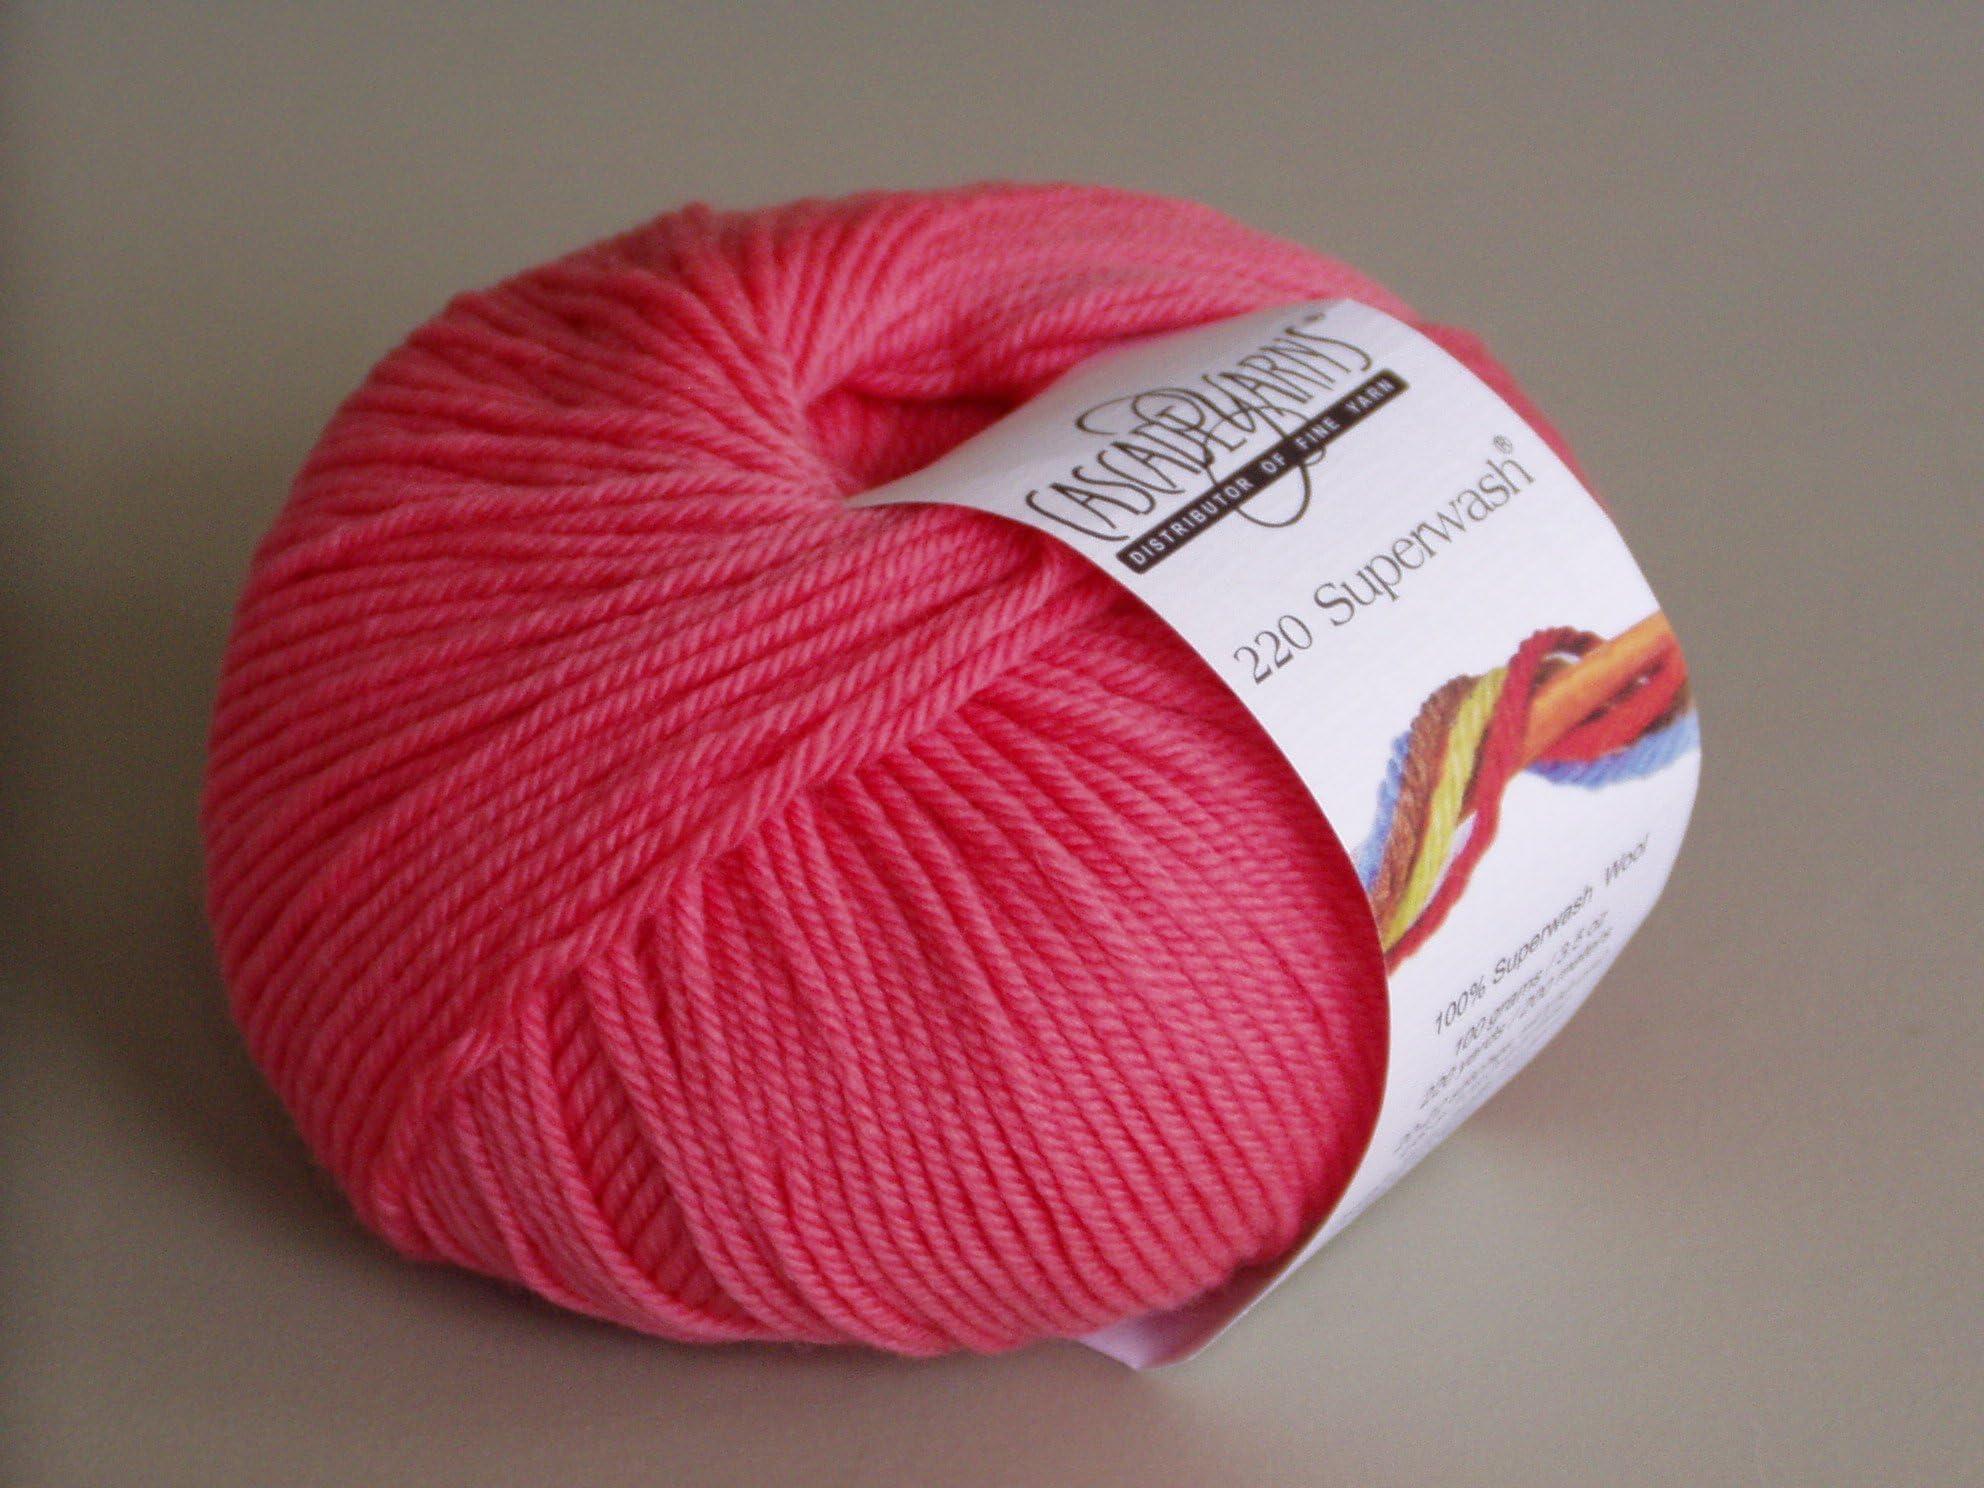 220 super wash  wool yarn by Cascade  Pink